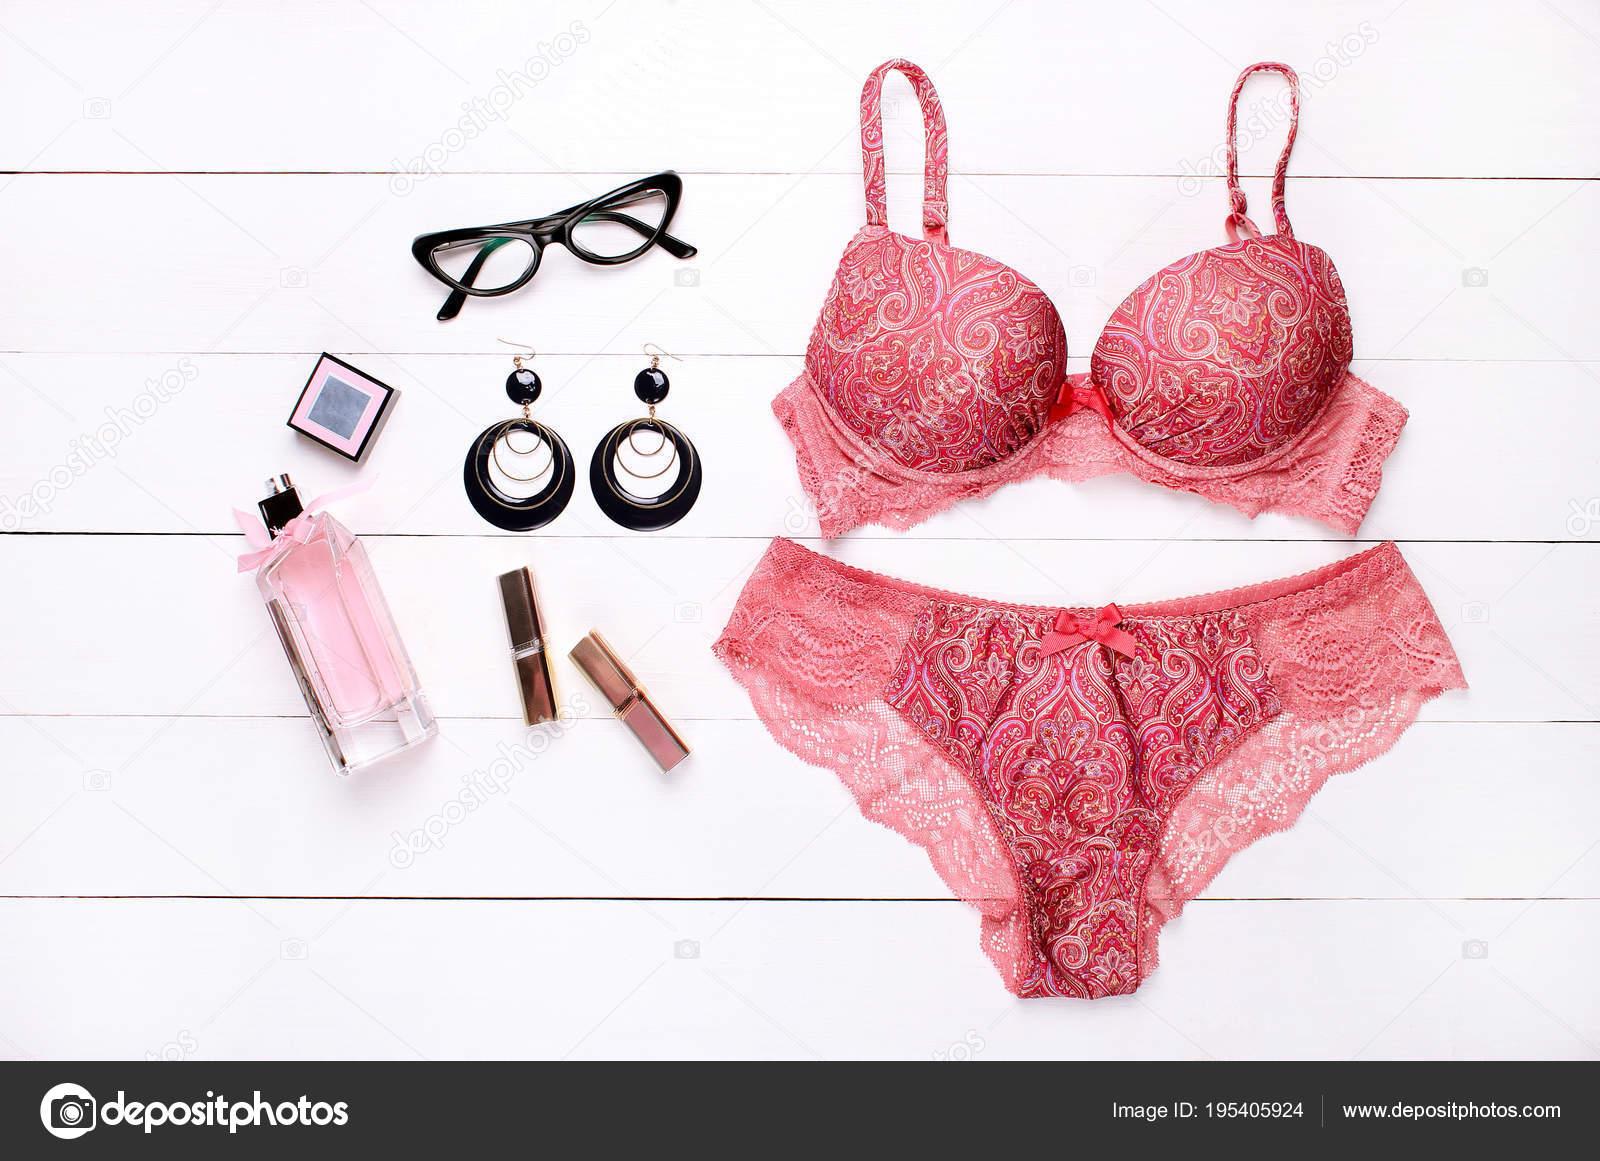 16dfc6a7add Όμορφη Γυναικεία Εσώρουχα Δαντέλα Κιλότα Και Σουτιέν Ξαπλωμένος Στο ...